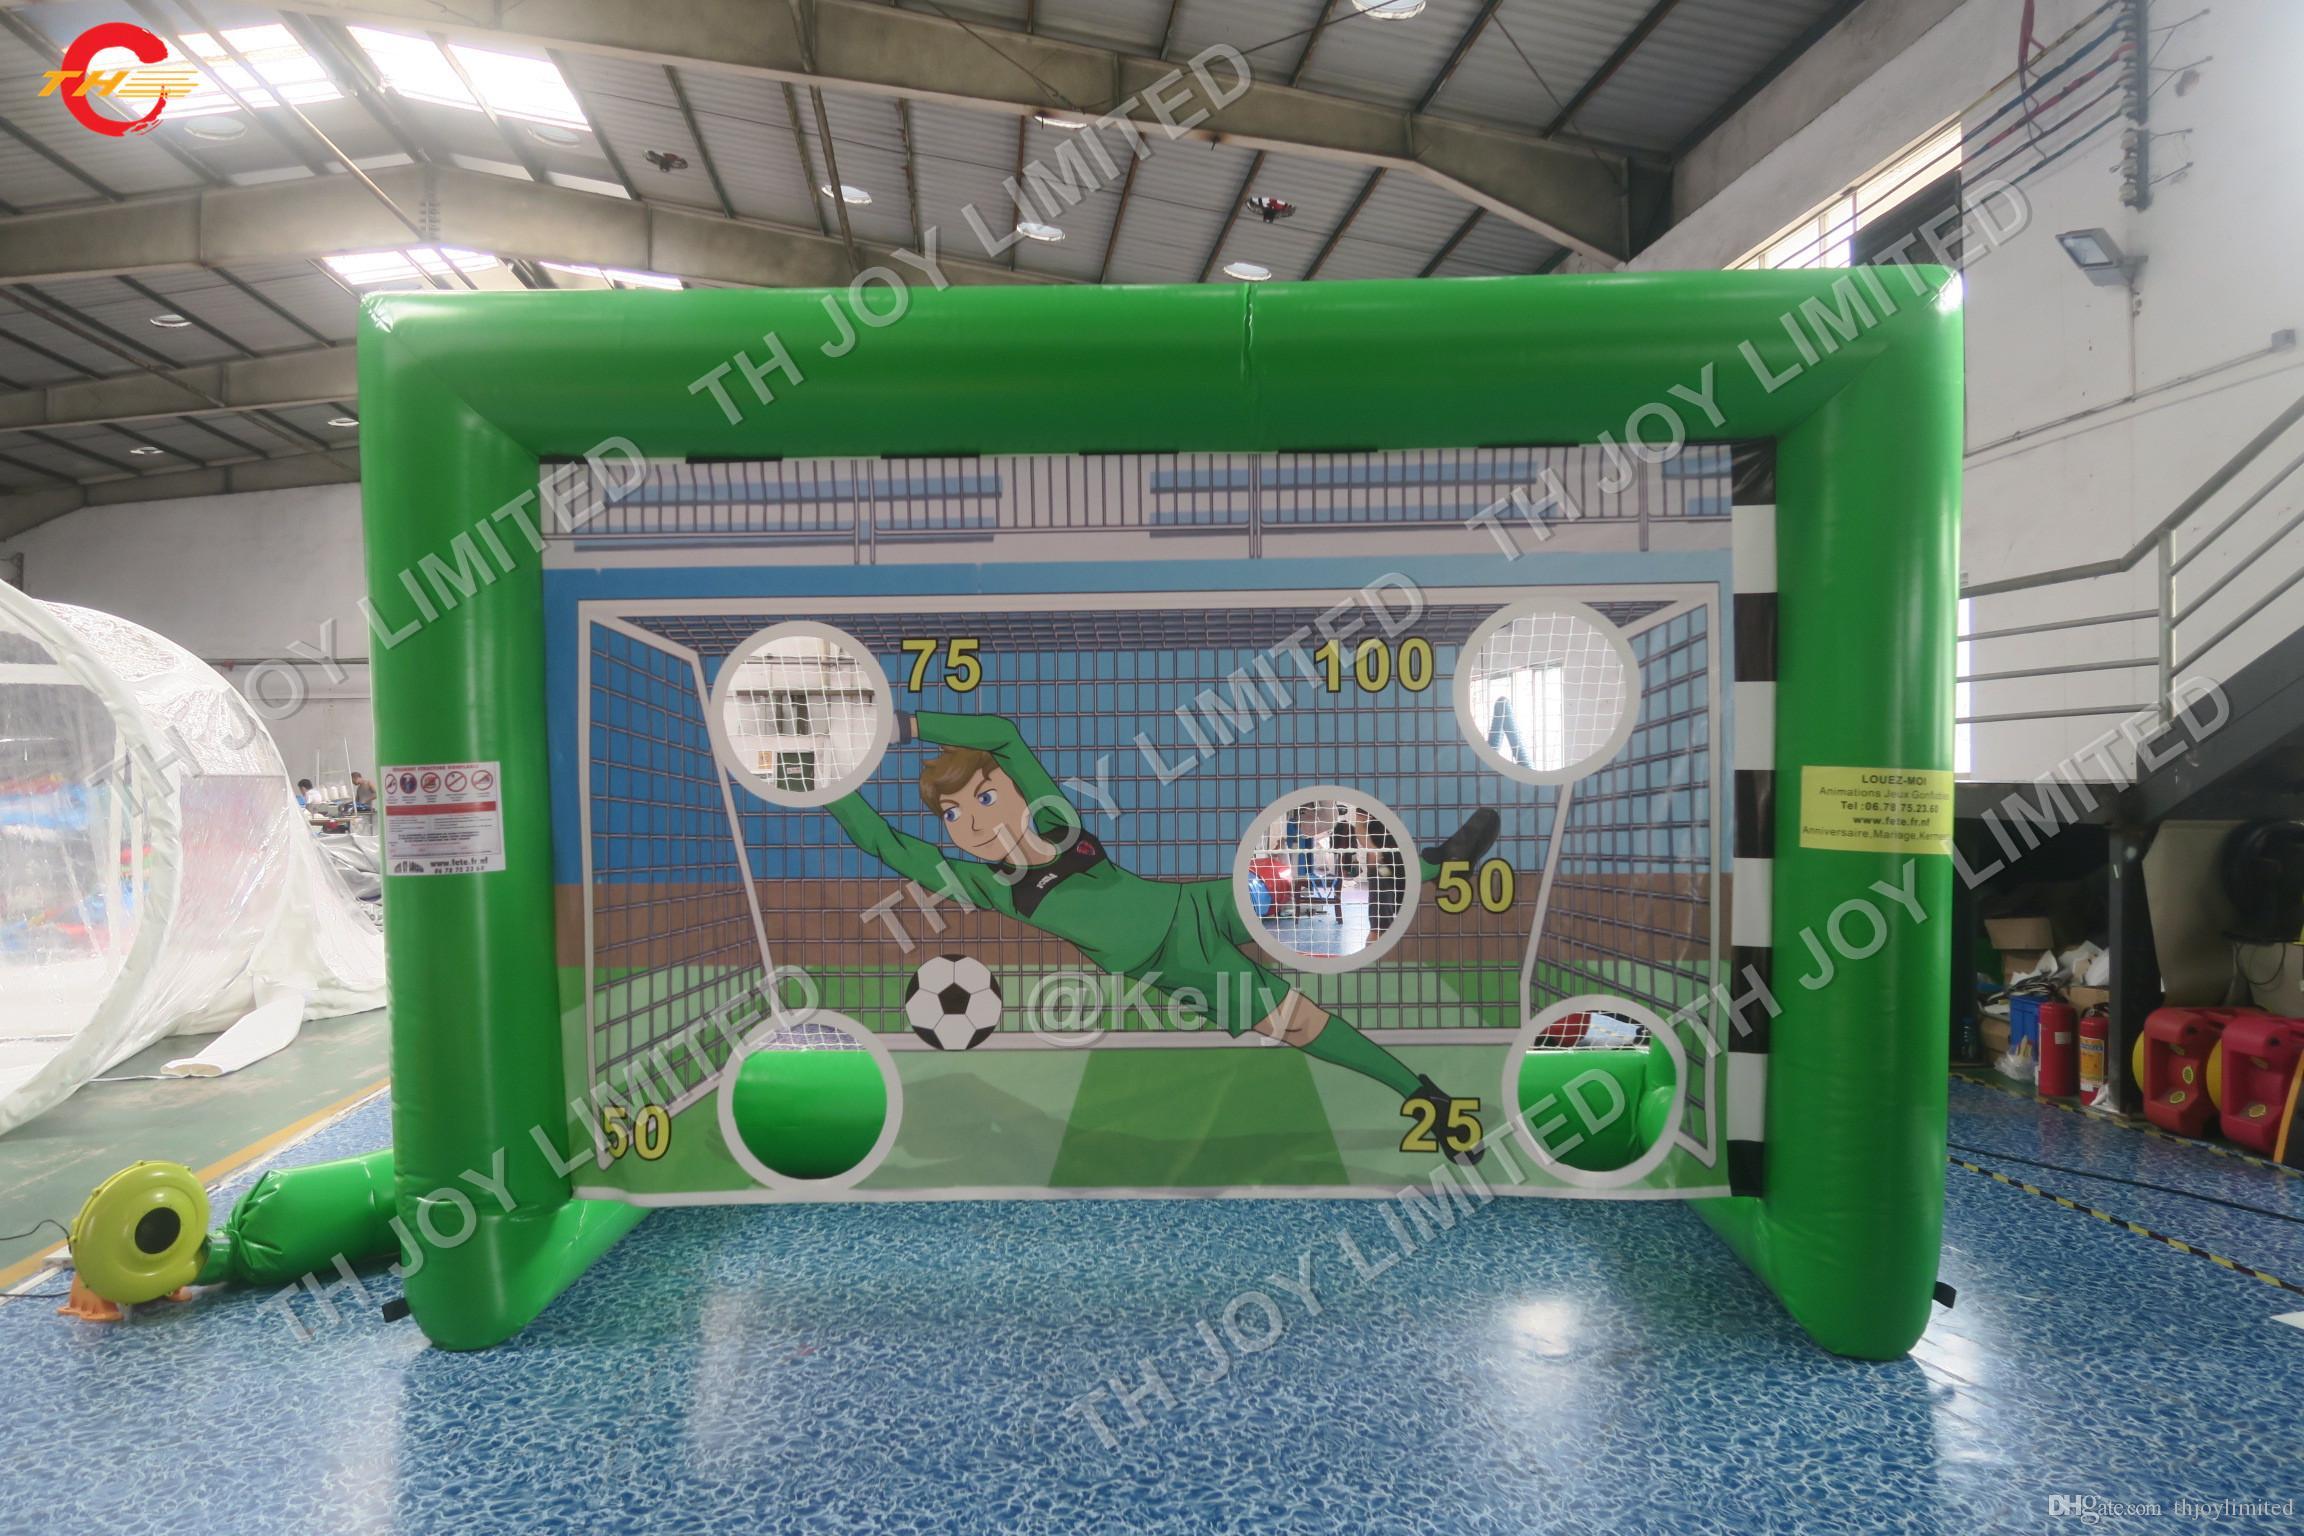 4x2x2.5mH هدف رخيصة نفخ هدف كرة القدم نفخ صافي مخصص كرات نفخ لعبة القذف